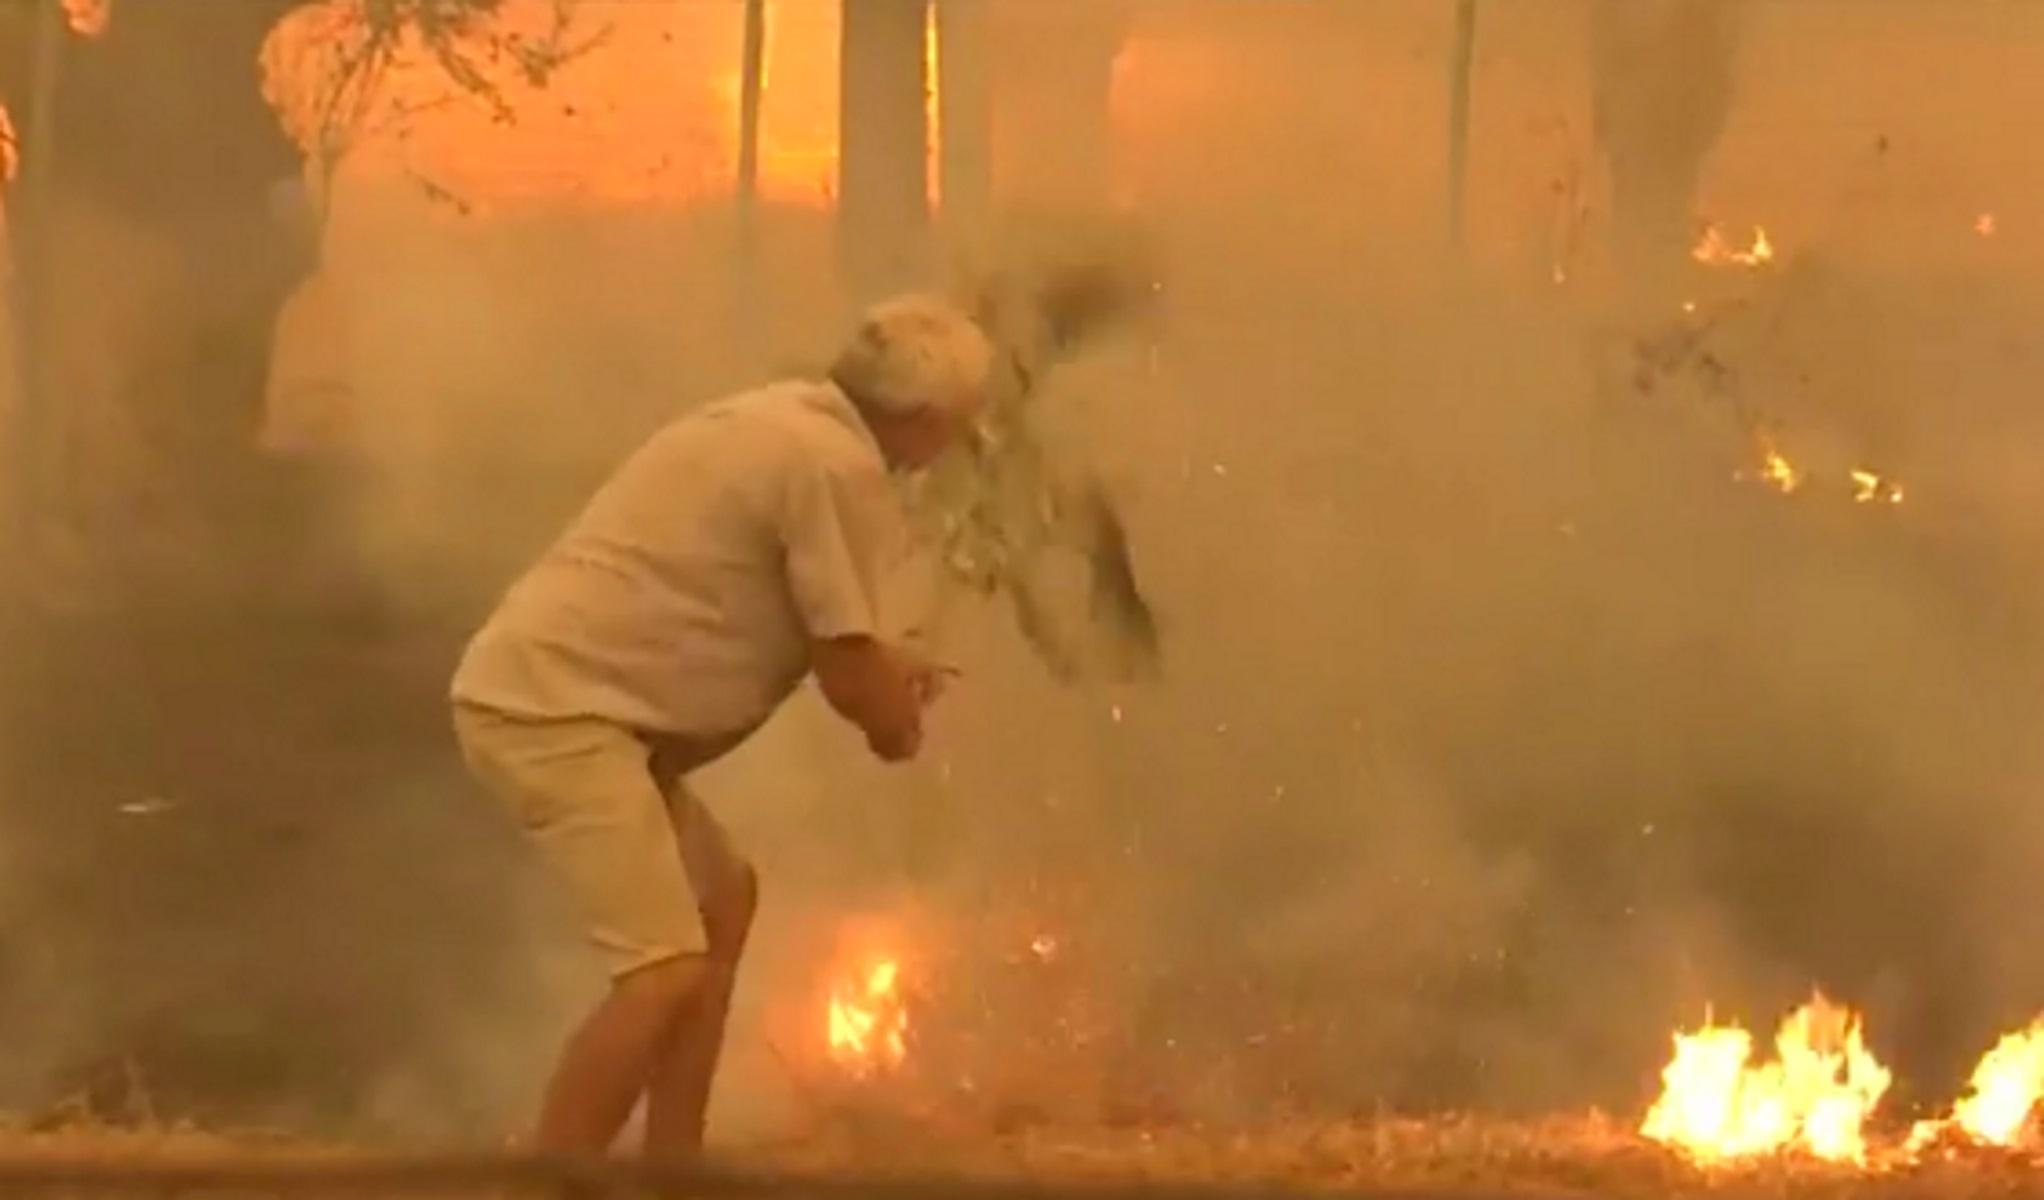 Φωτιά στην Εύβοια: Ο ηλικιωμένος με το κλαδί μίλησε για τη «μάχη» του με τις φλόγες